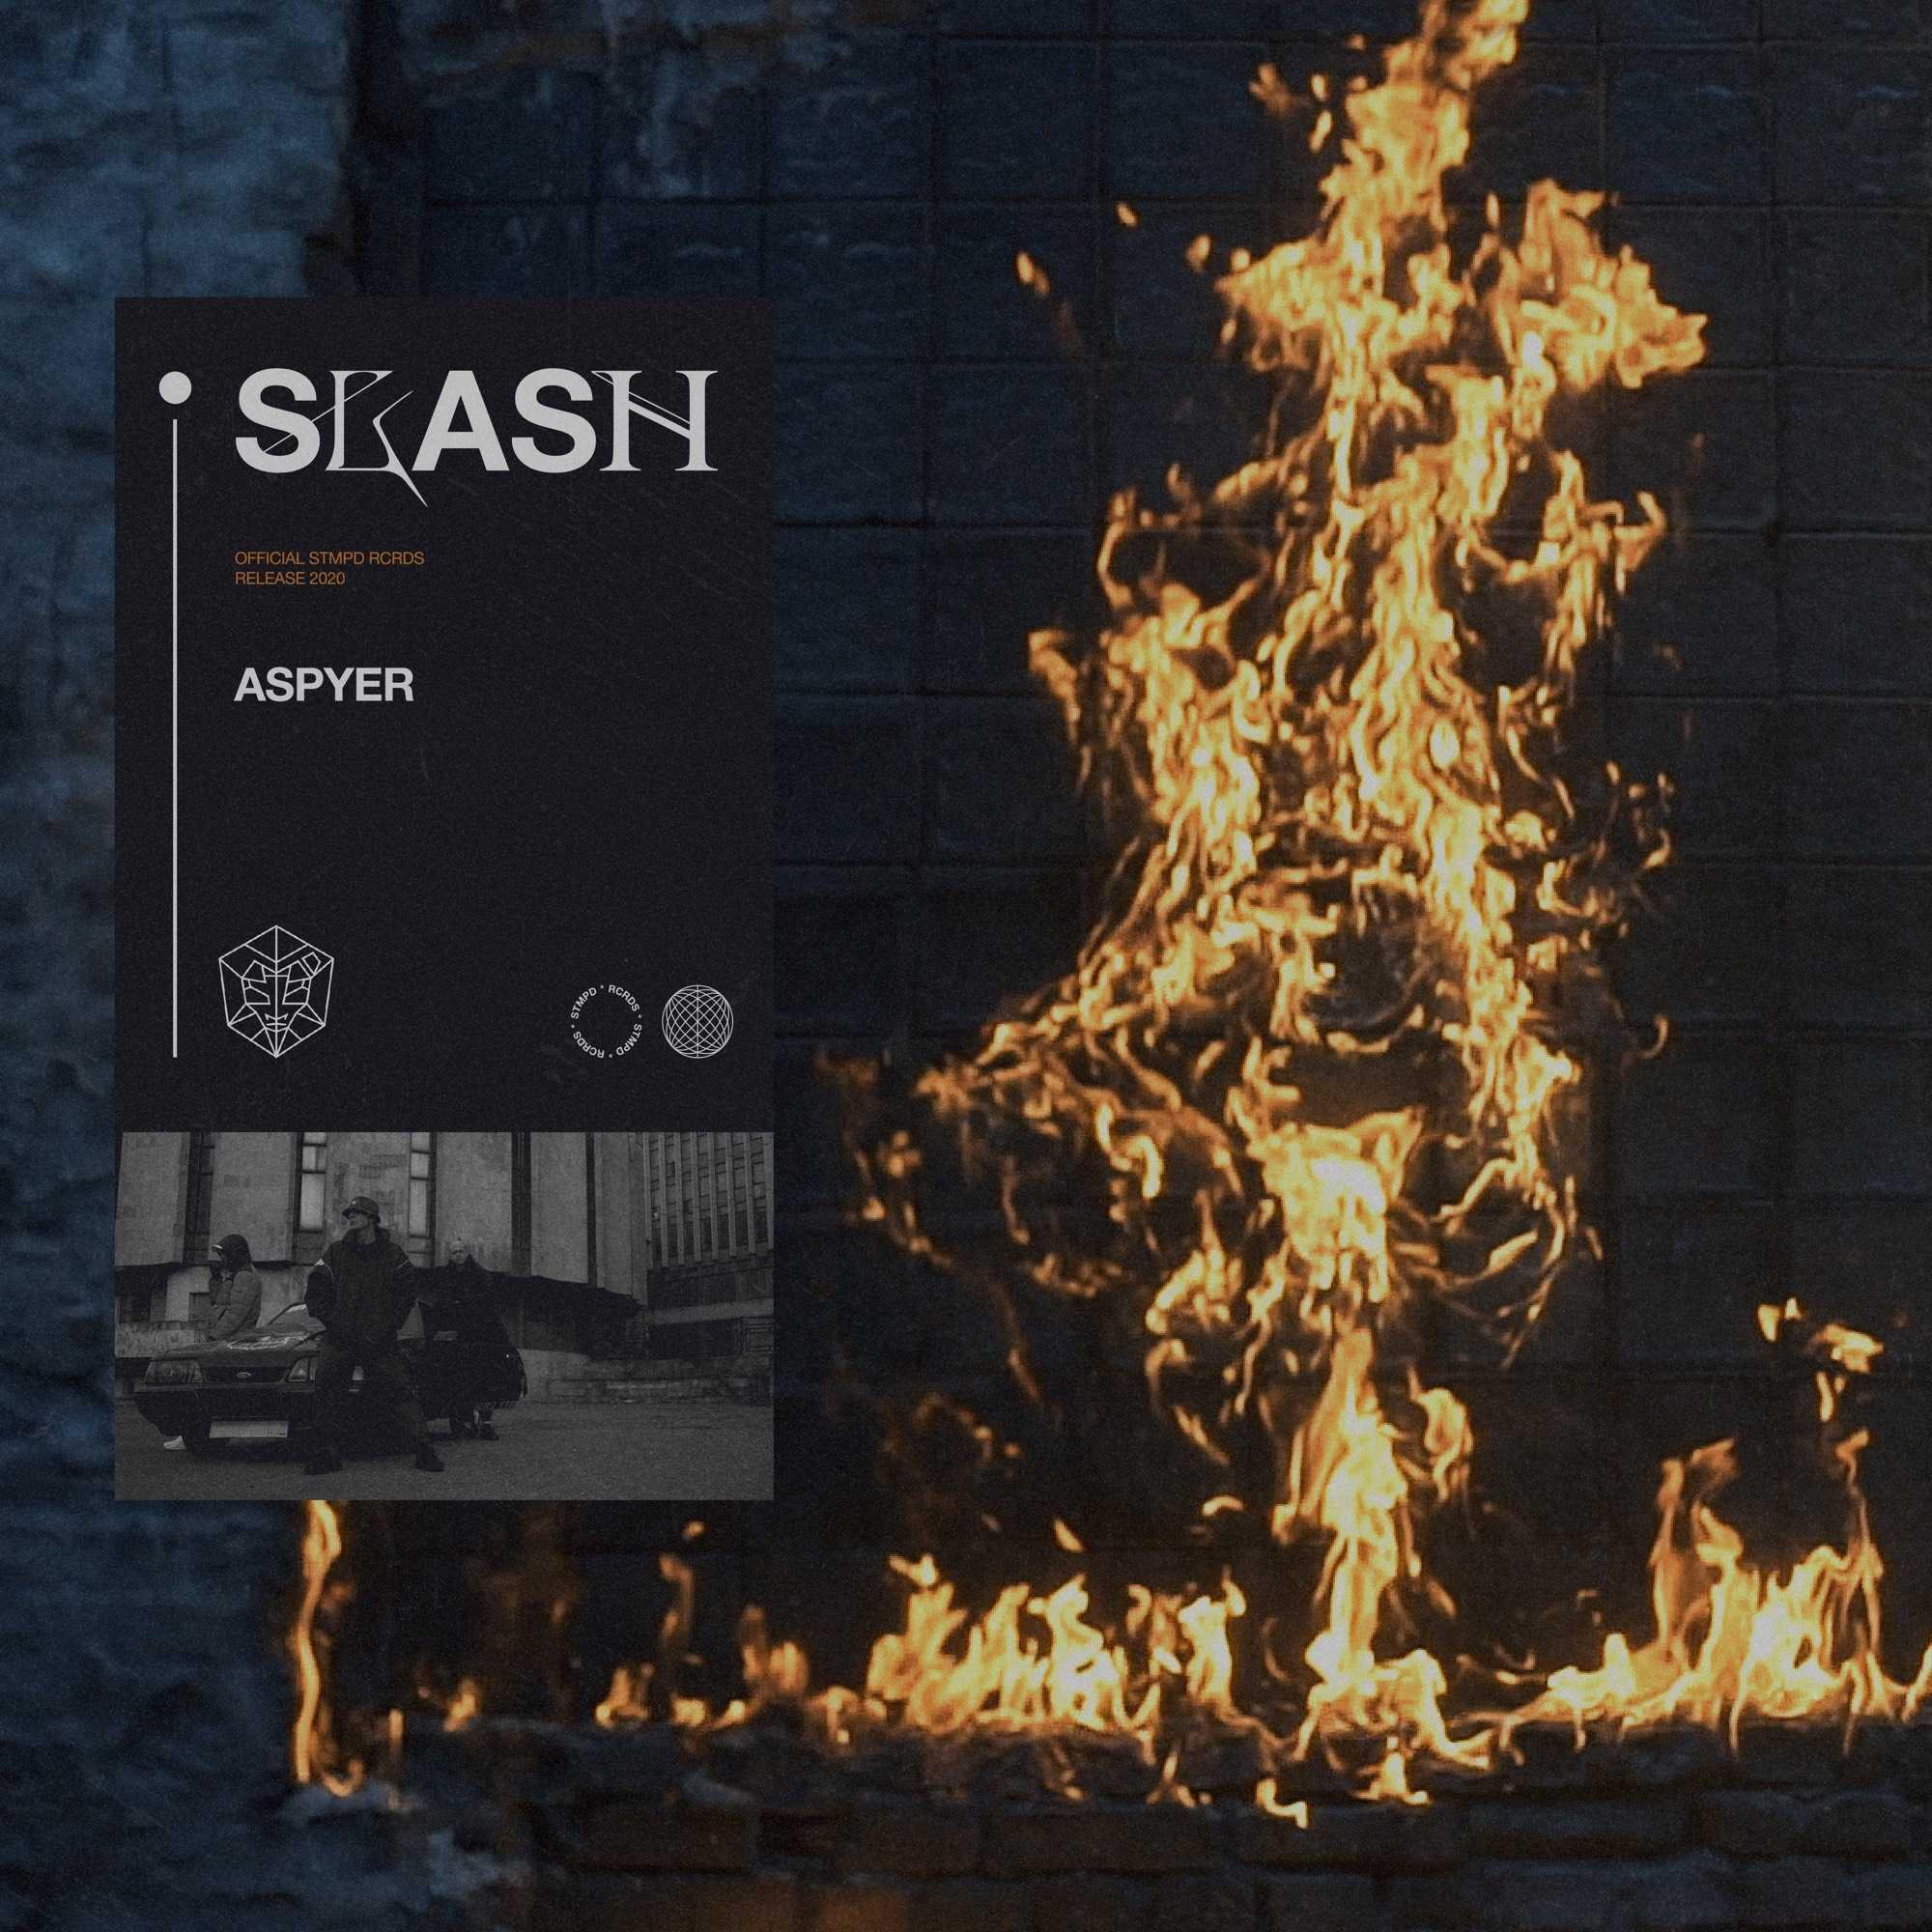 Aspyer - Slash